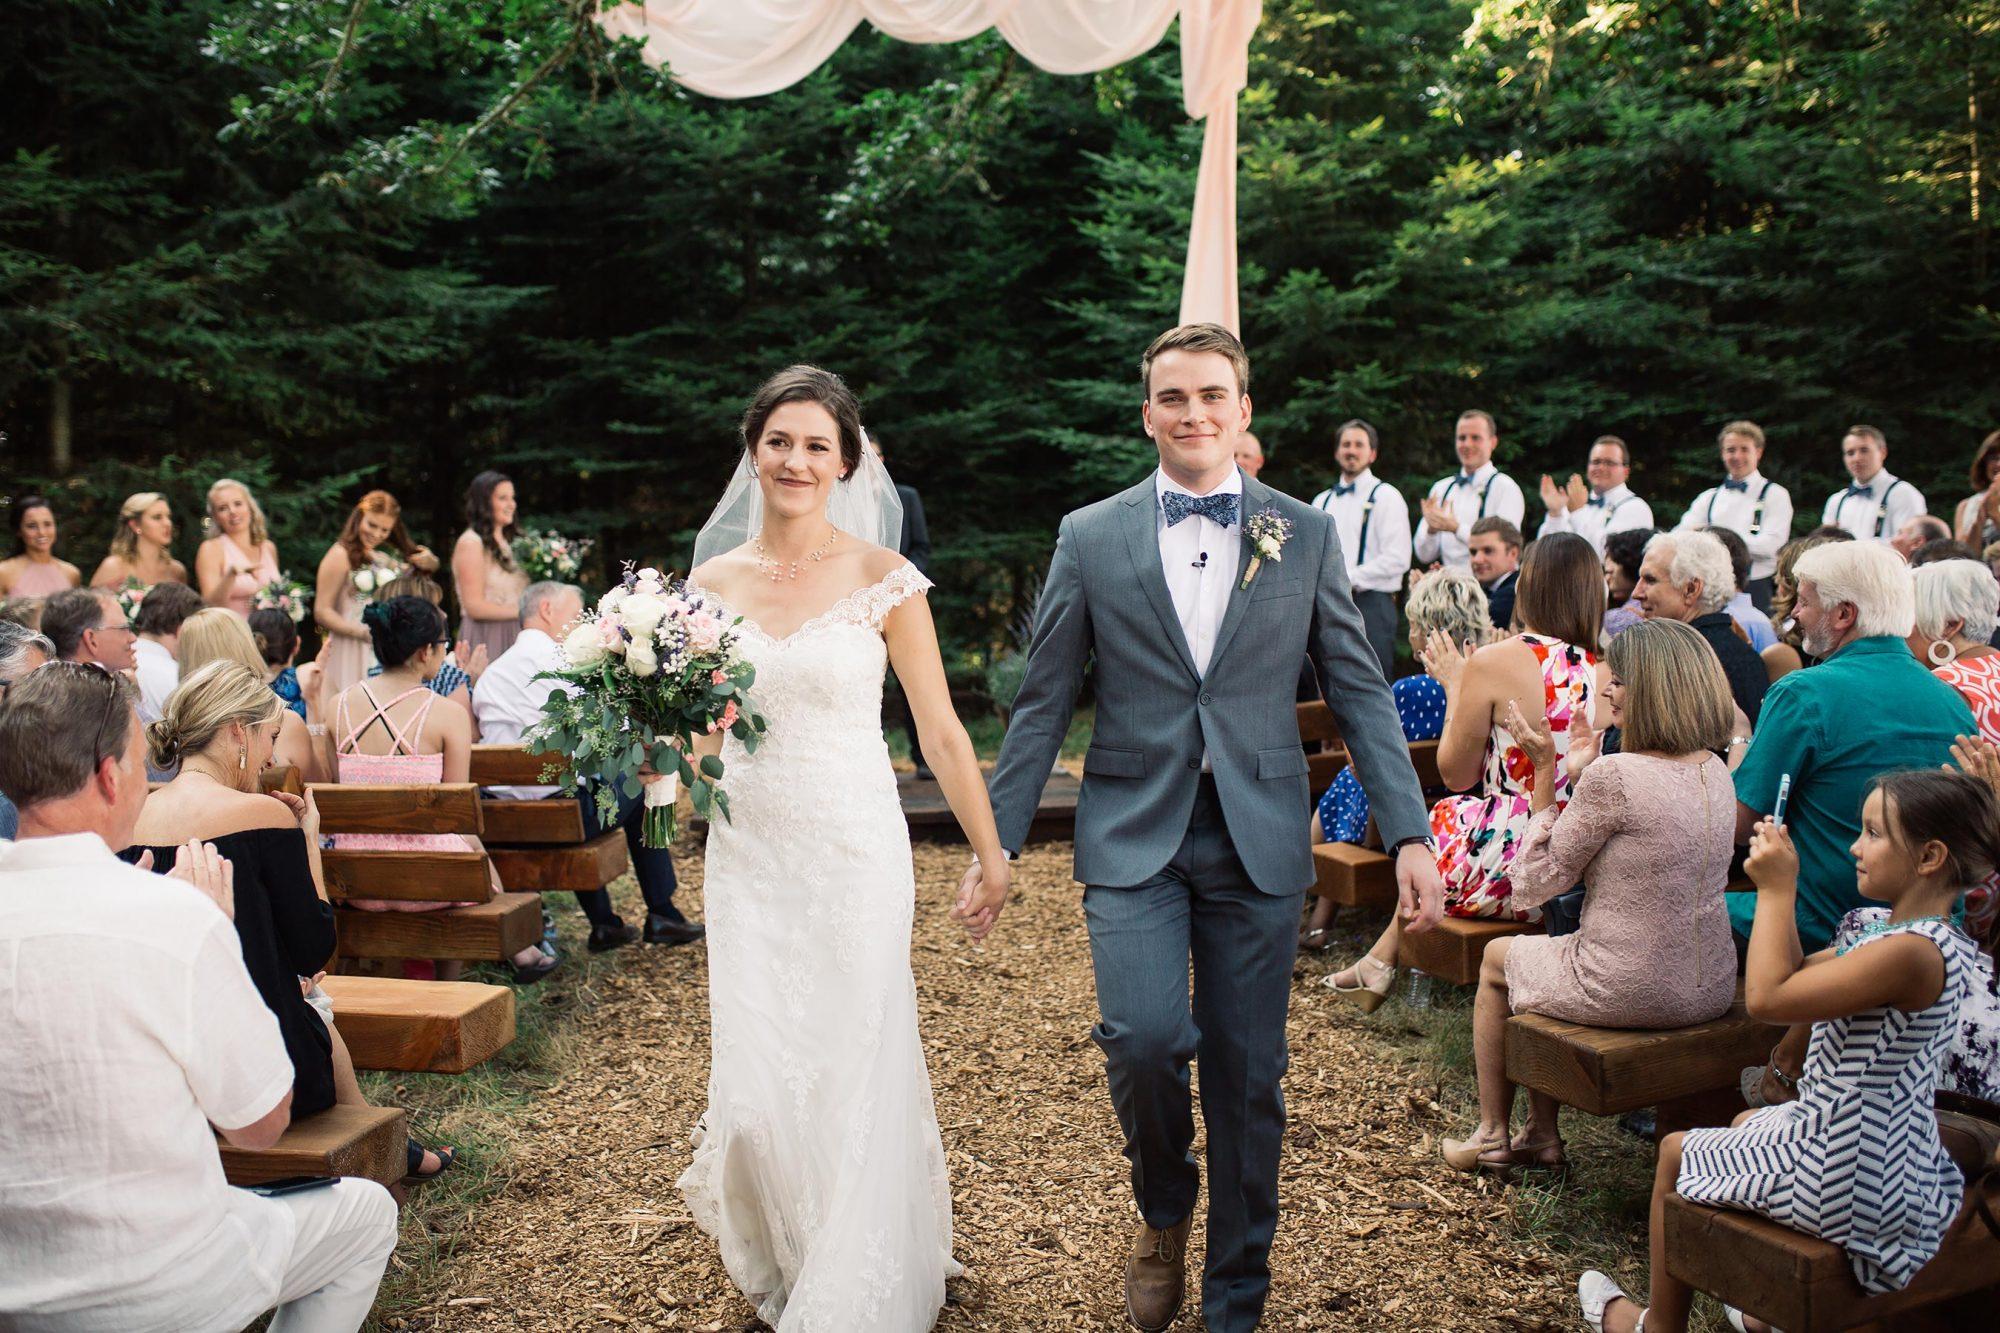 Molly Roloff Wedding photos CR: JULIA GREEN PHOTOGRAPHY